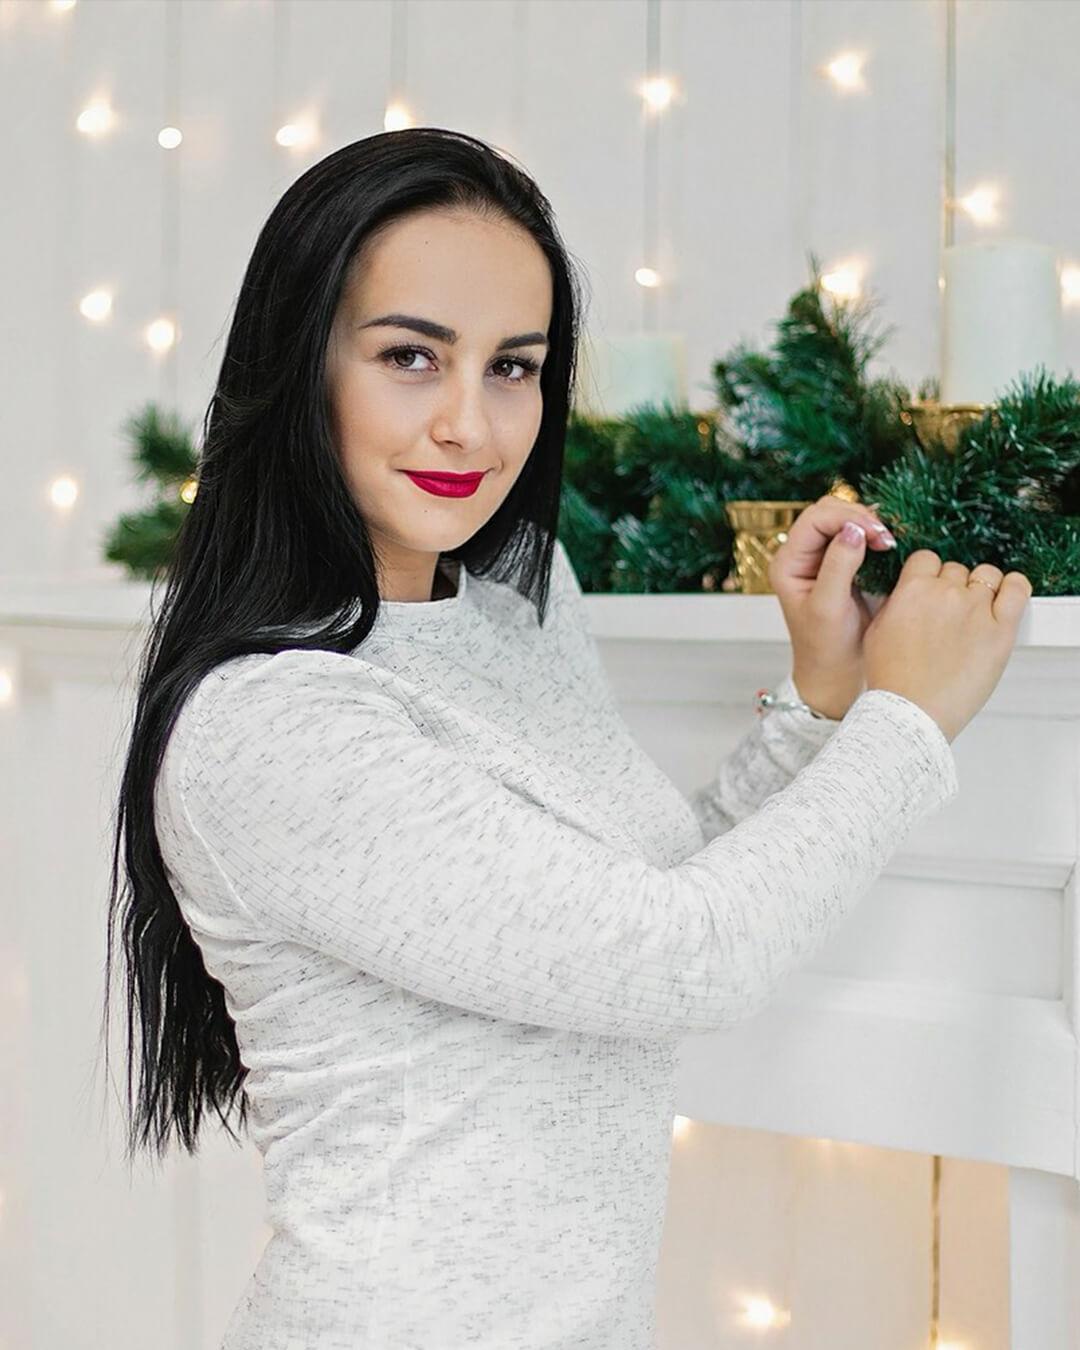 Чмыга Виктория Владимировна